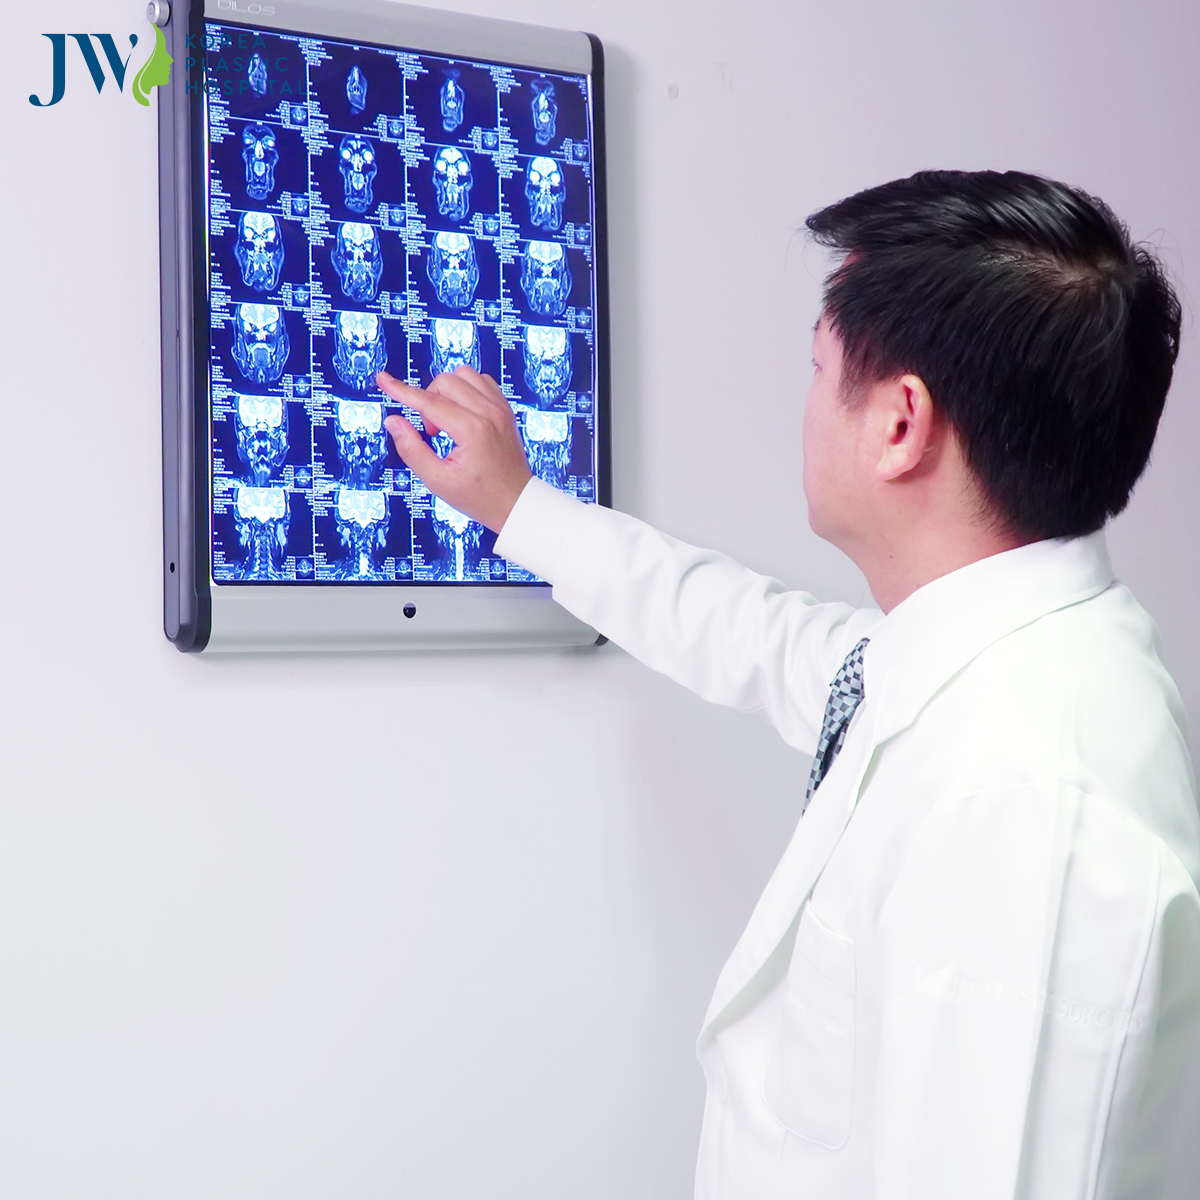 Bác sĩ Tú Dung nghiên cứu kết quả chụp CT3D của anh Mến